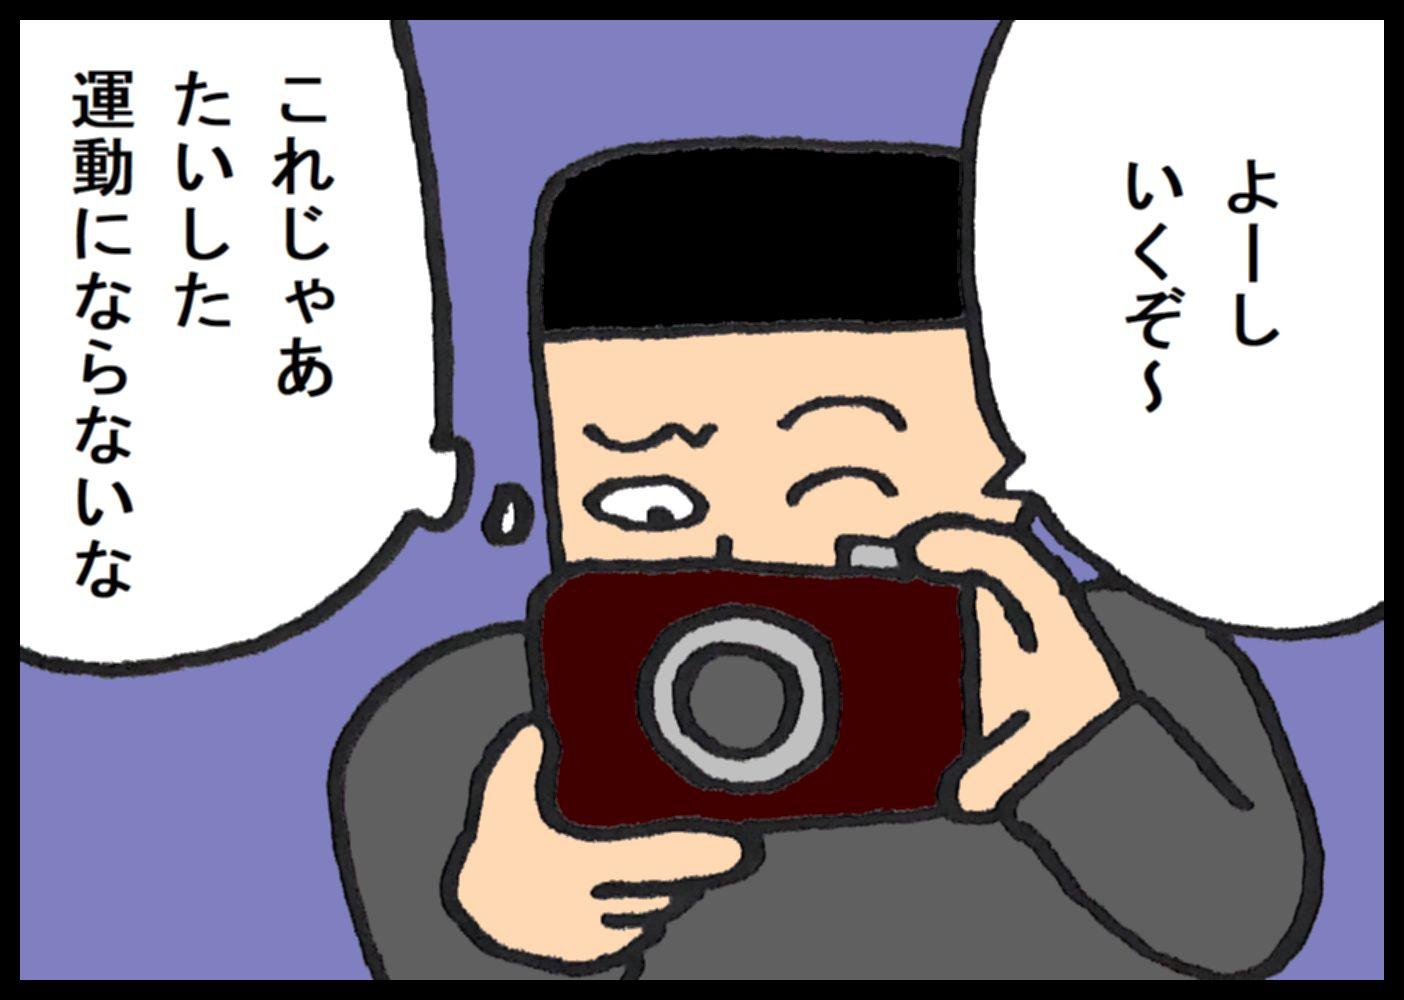 『夕やけちょこ』その50「運動不足」(2)